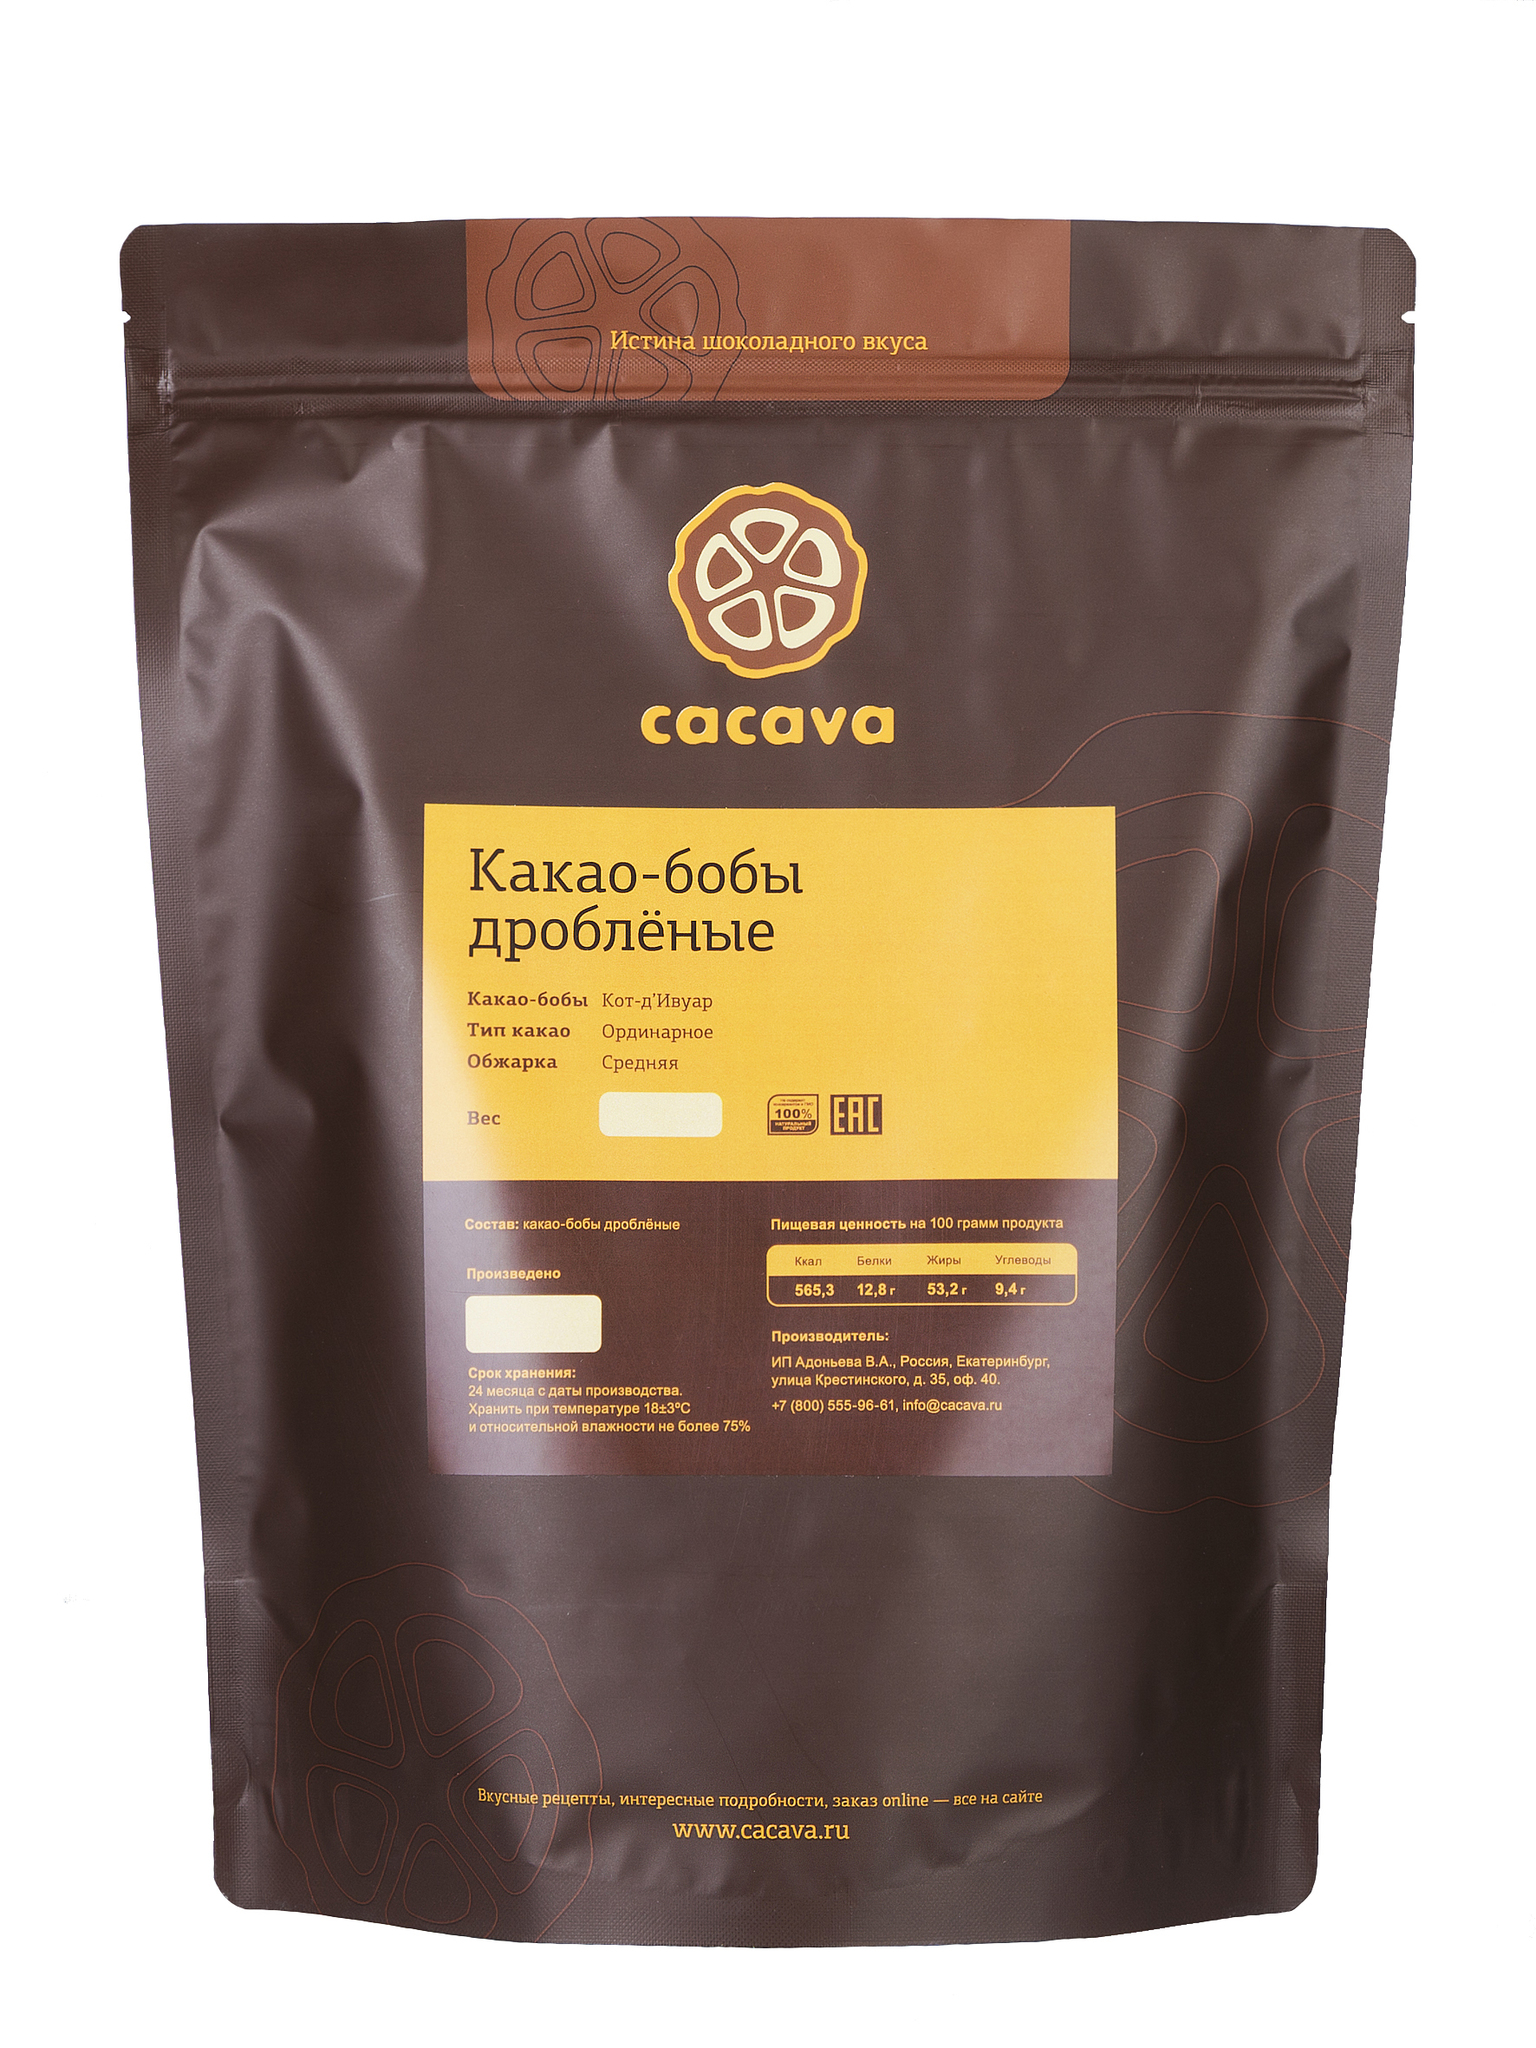 Какао-бобы дробленые, очищенные (Кот-Д'Ивуар), упаковка 1 и 3 кг